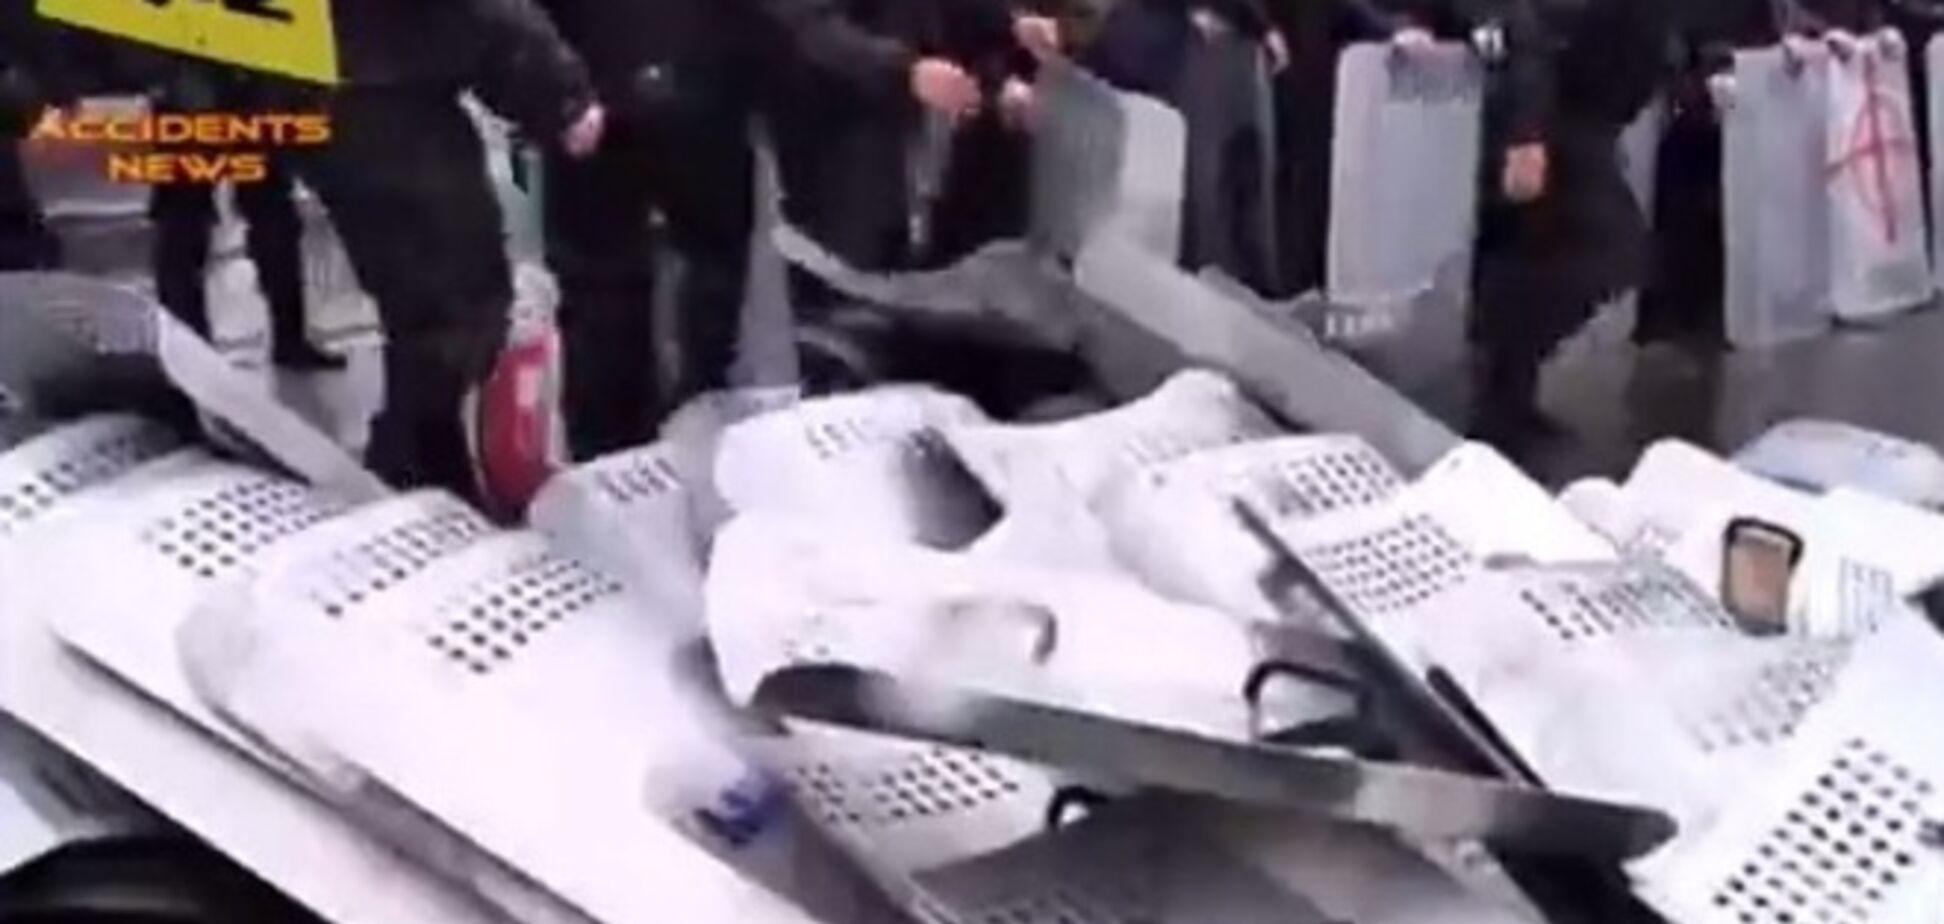 Появилось видео, как одесские милиционеры бросают щиты во время штурма